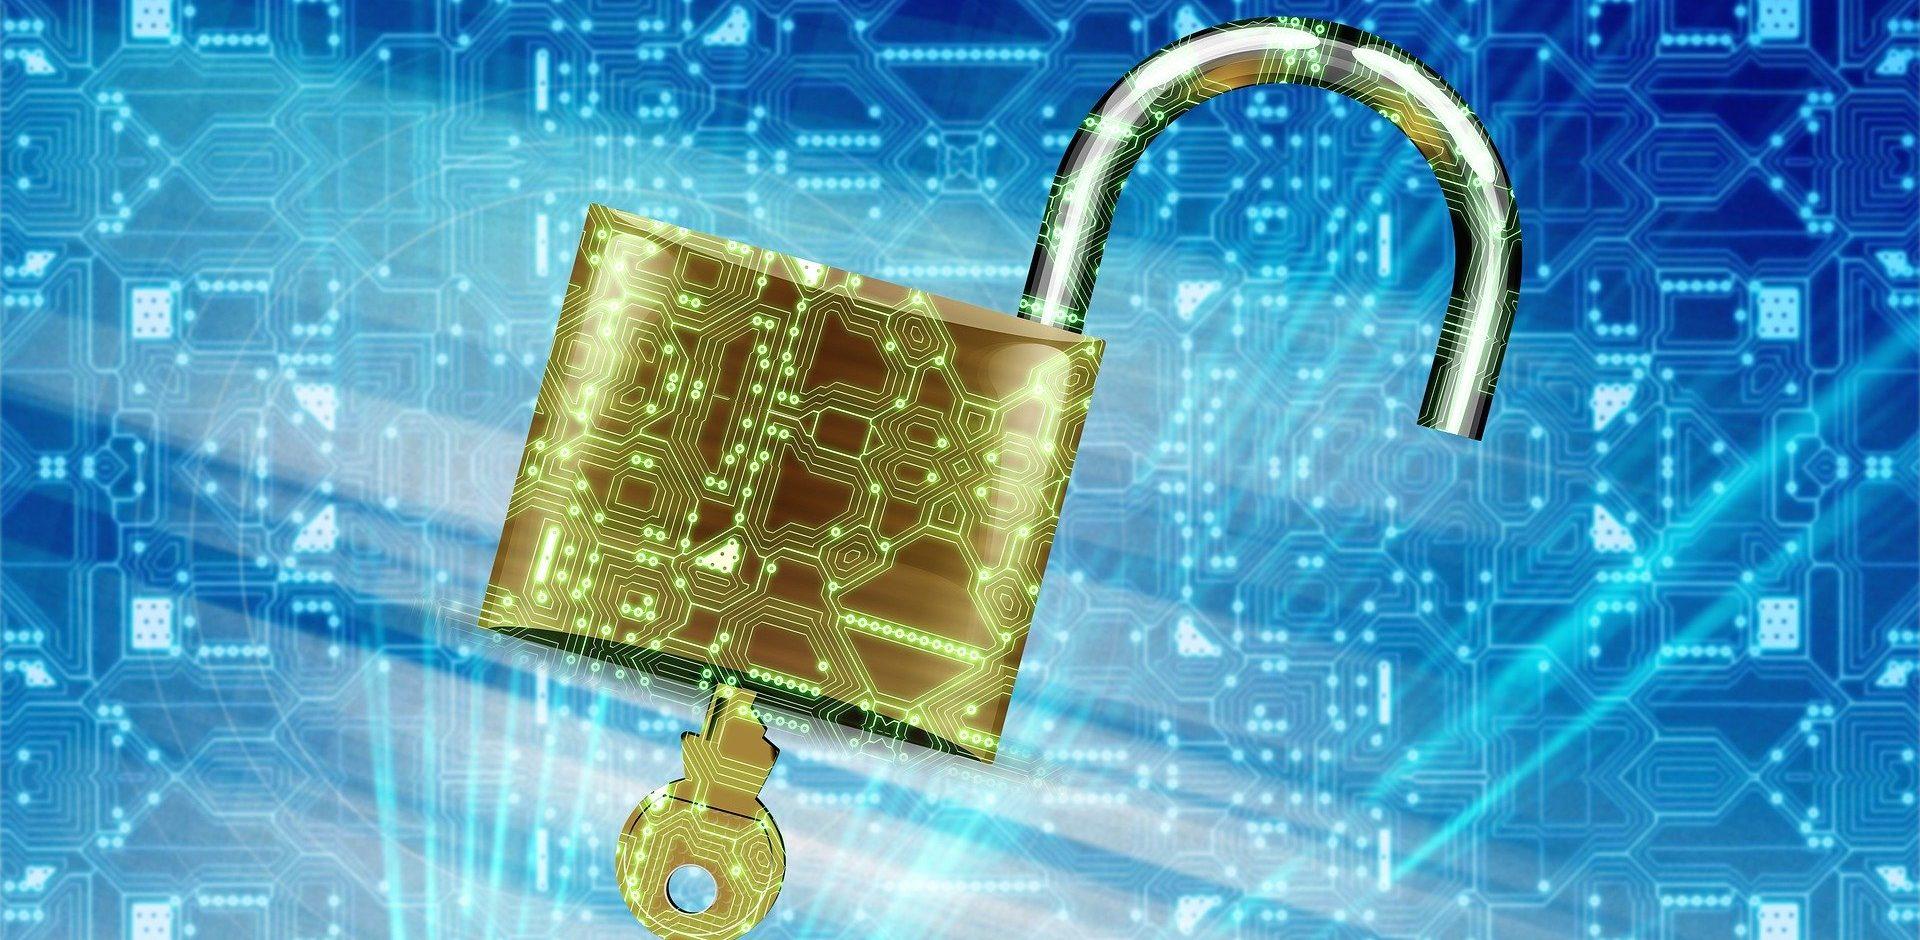 Online Sicherheitsprobleme